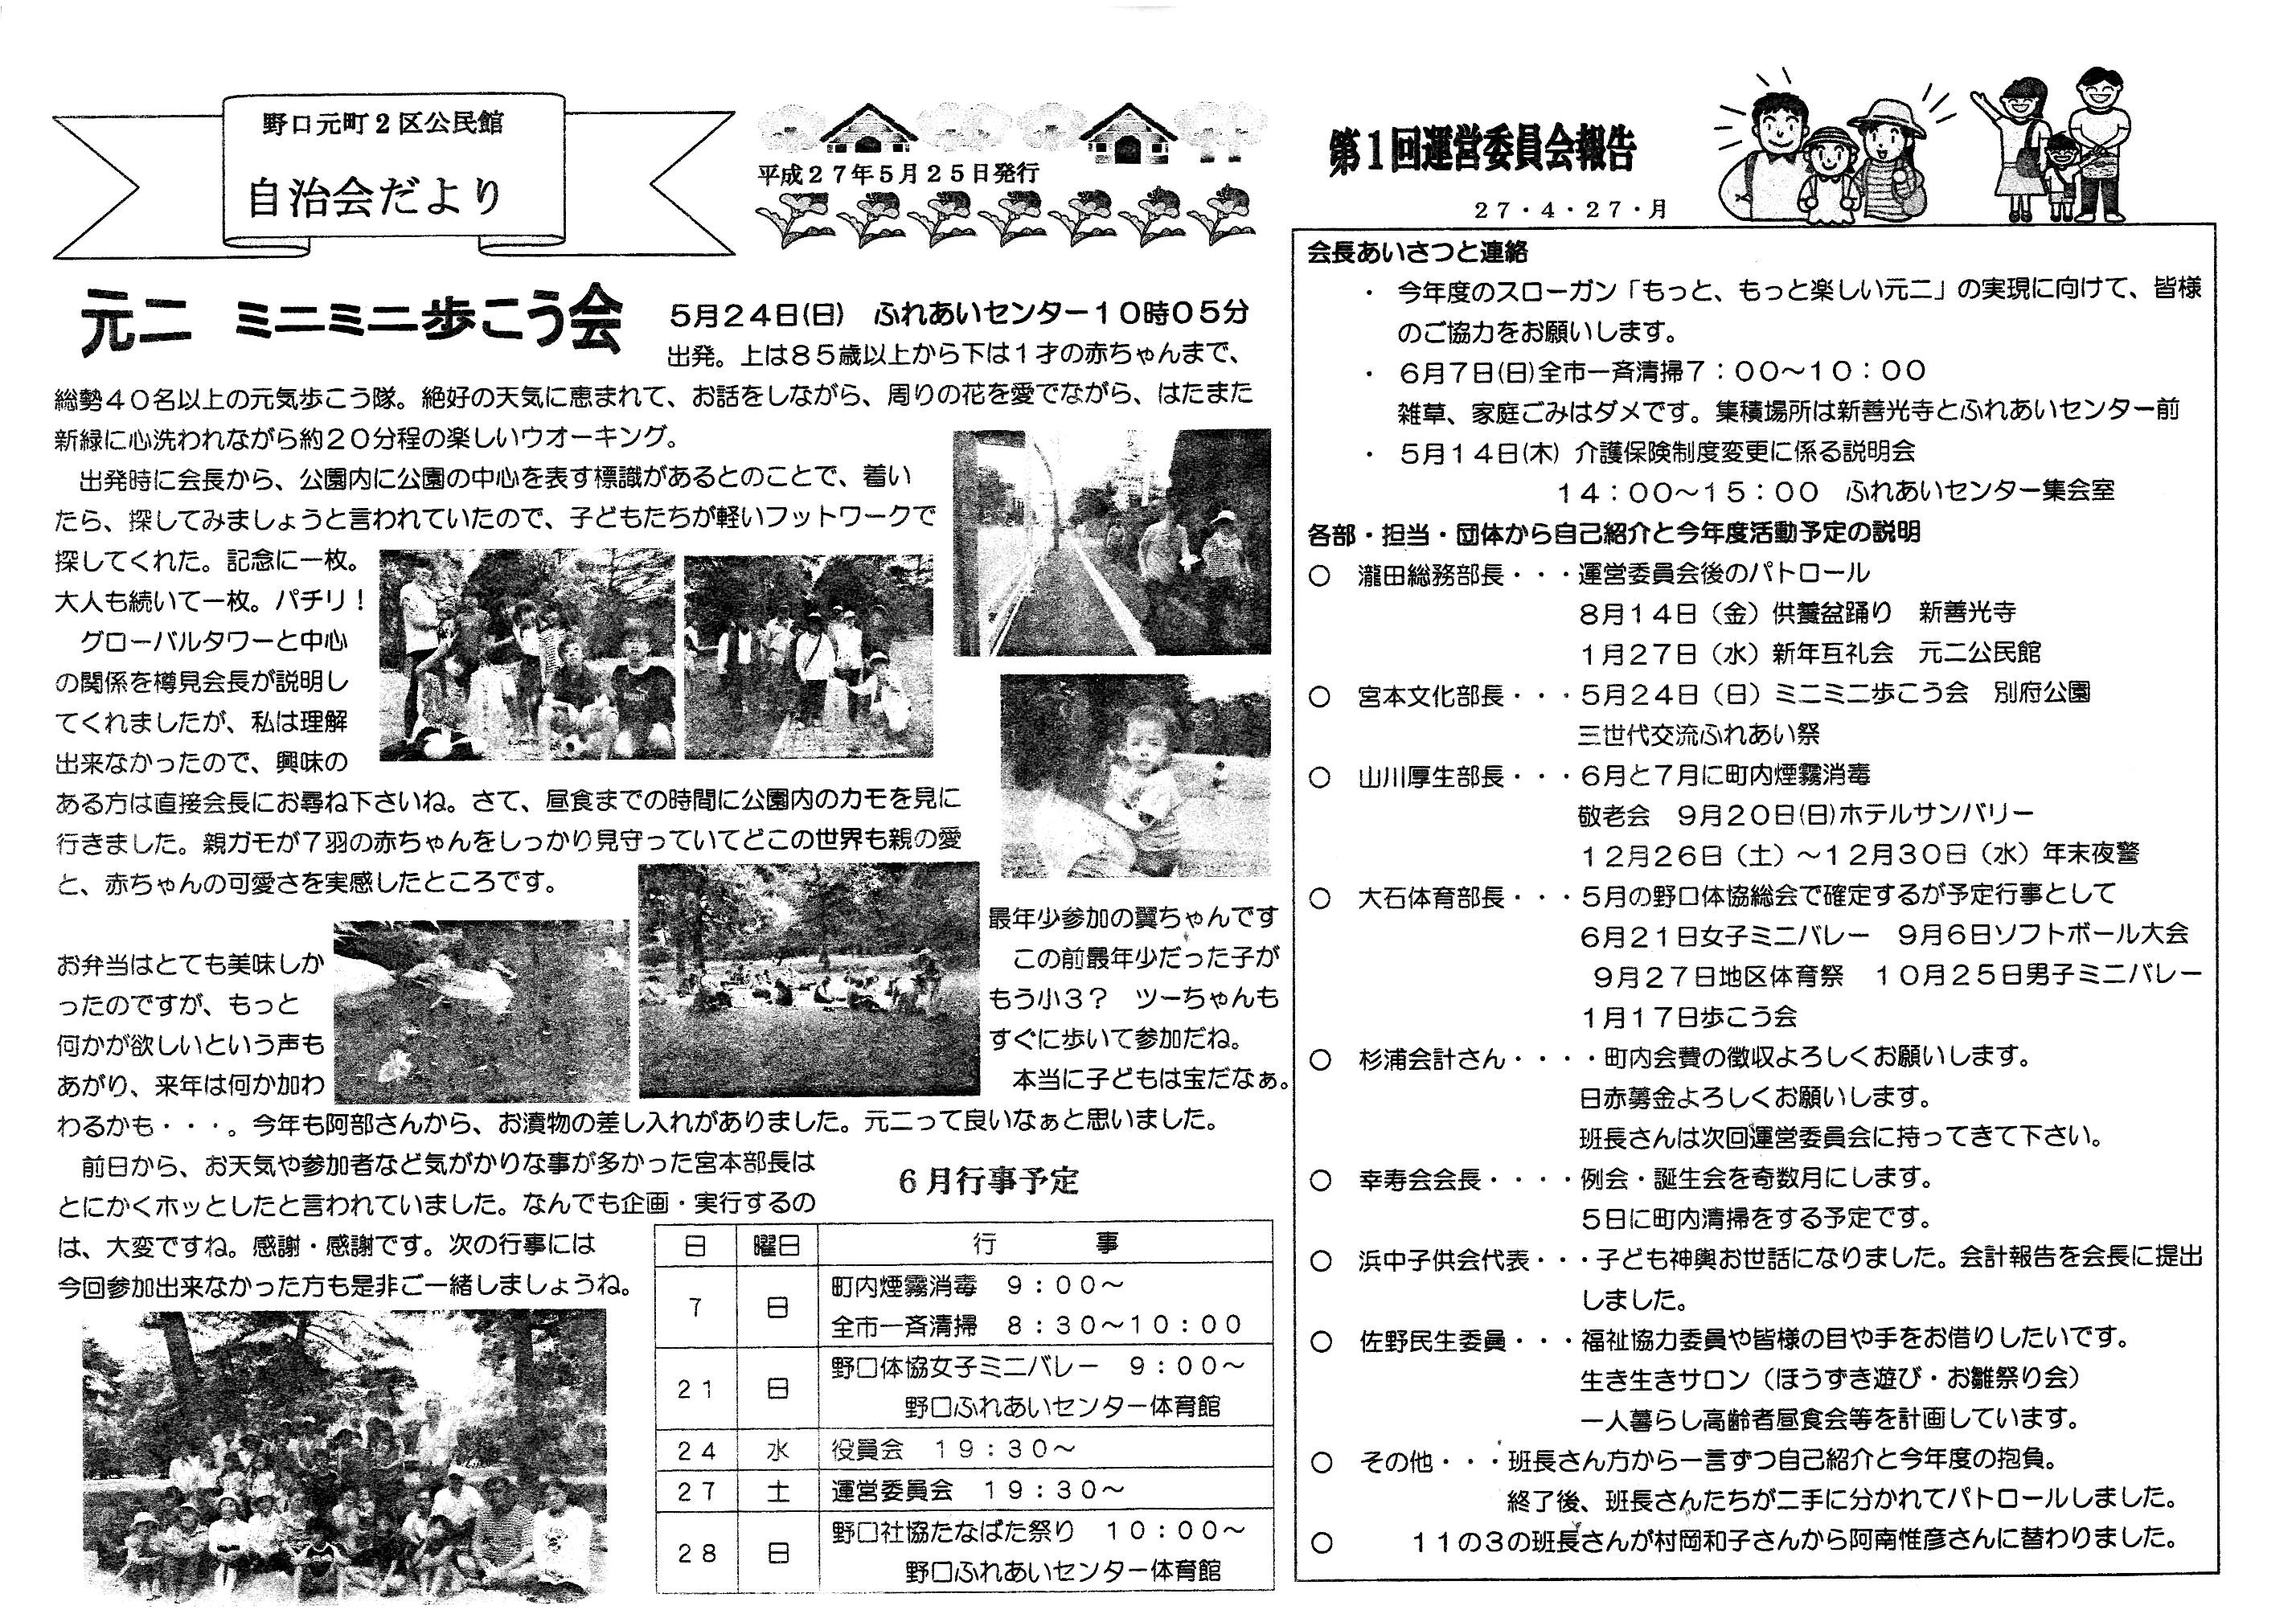 noguchimotomachi2ku_2015_06